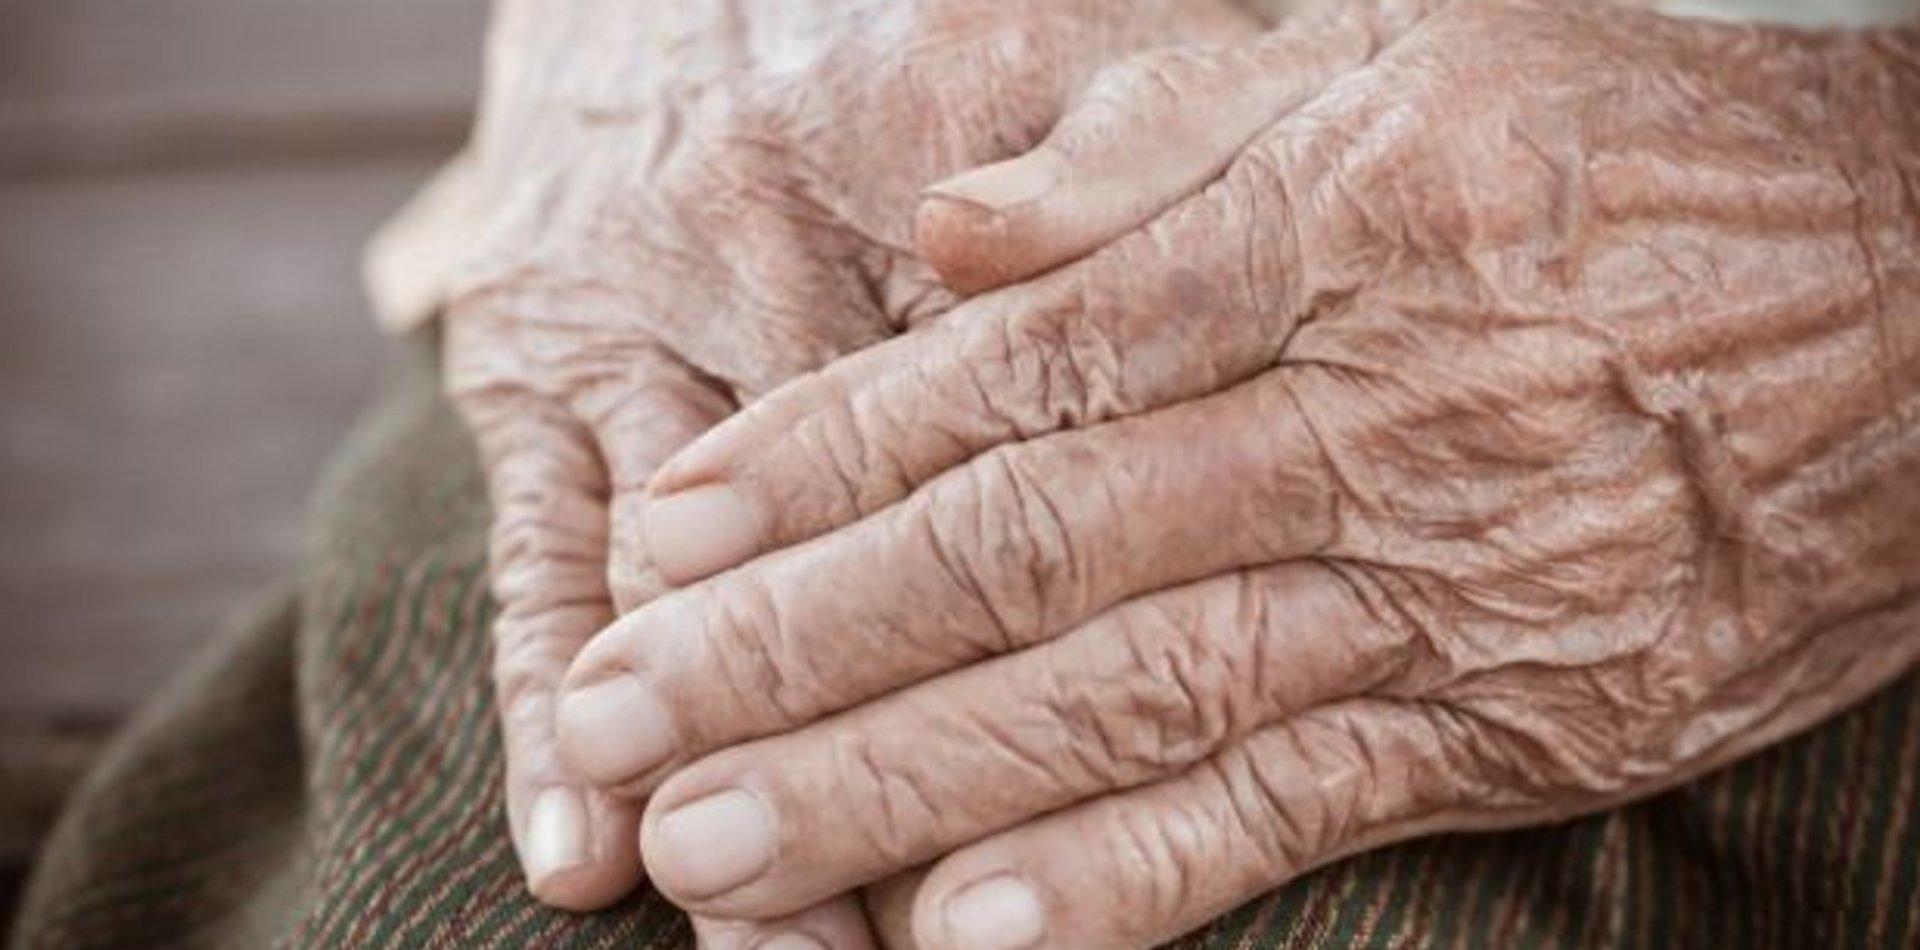 Brutal robo a un abuelo: lo despertaron y amordazaron para robarle la jubilación